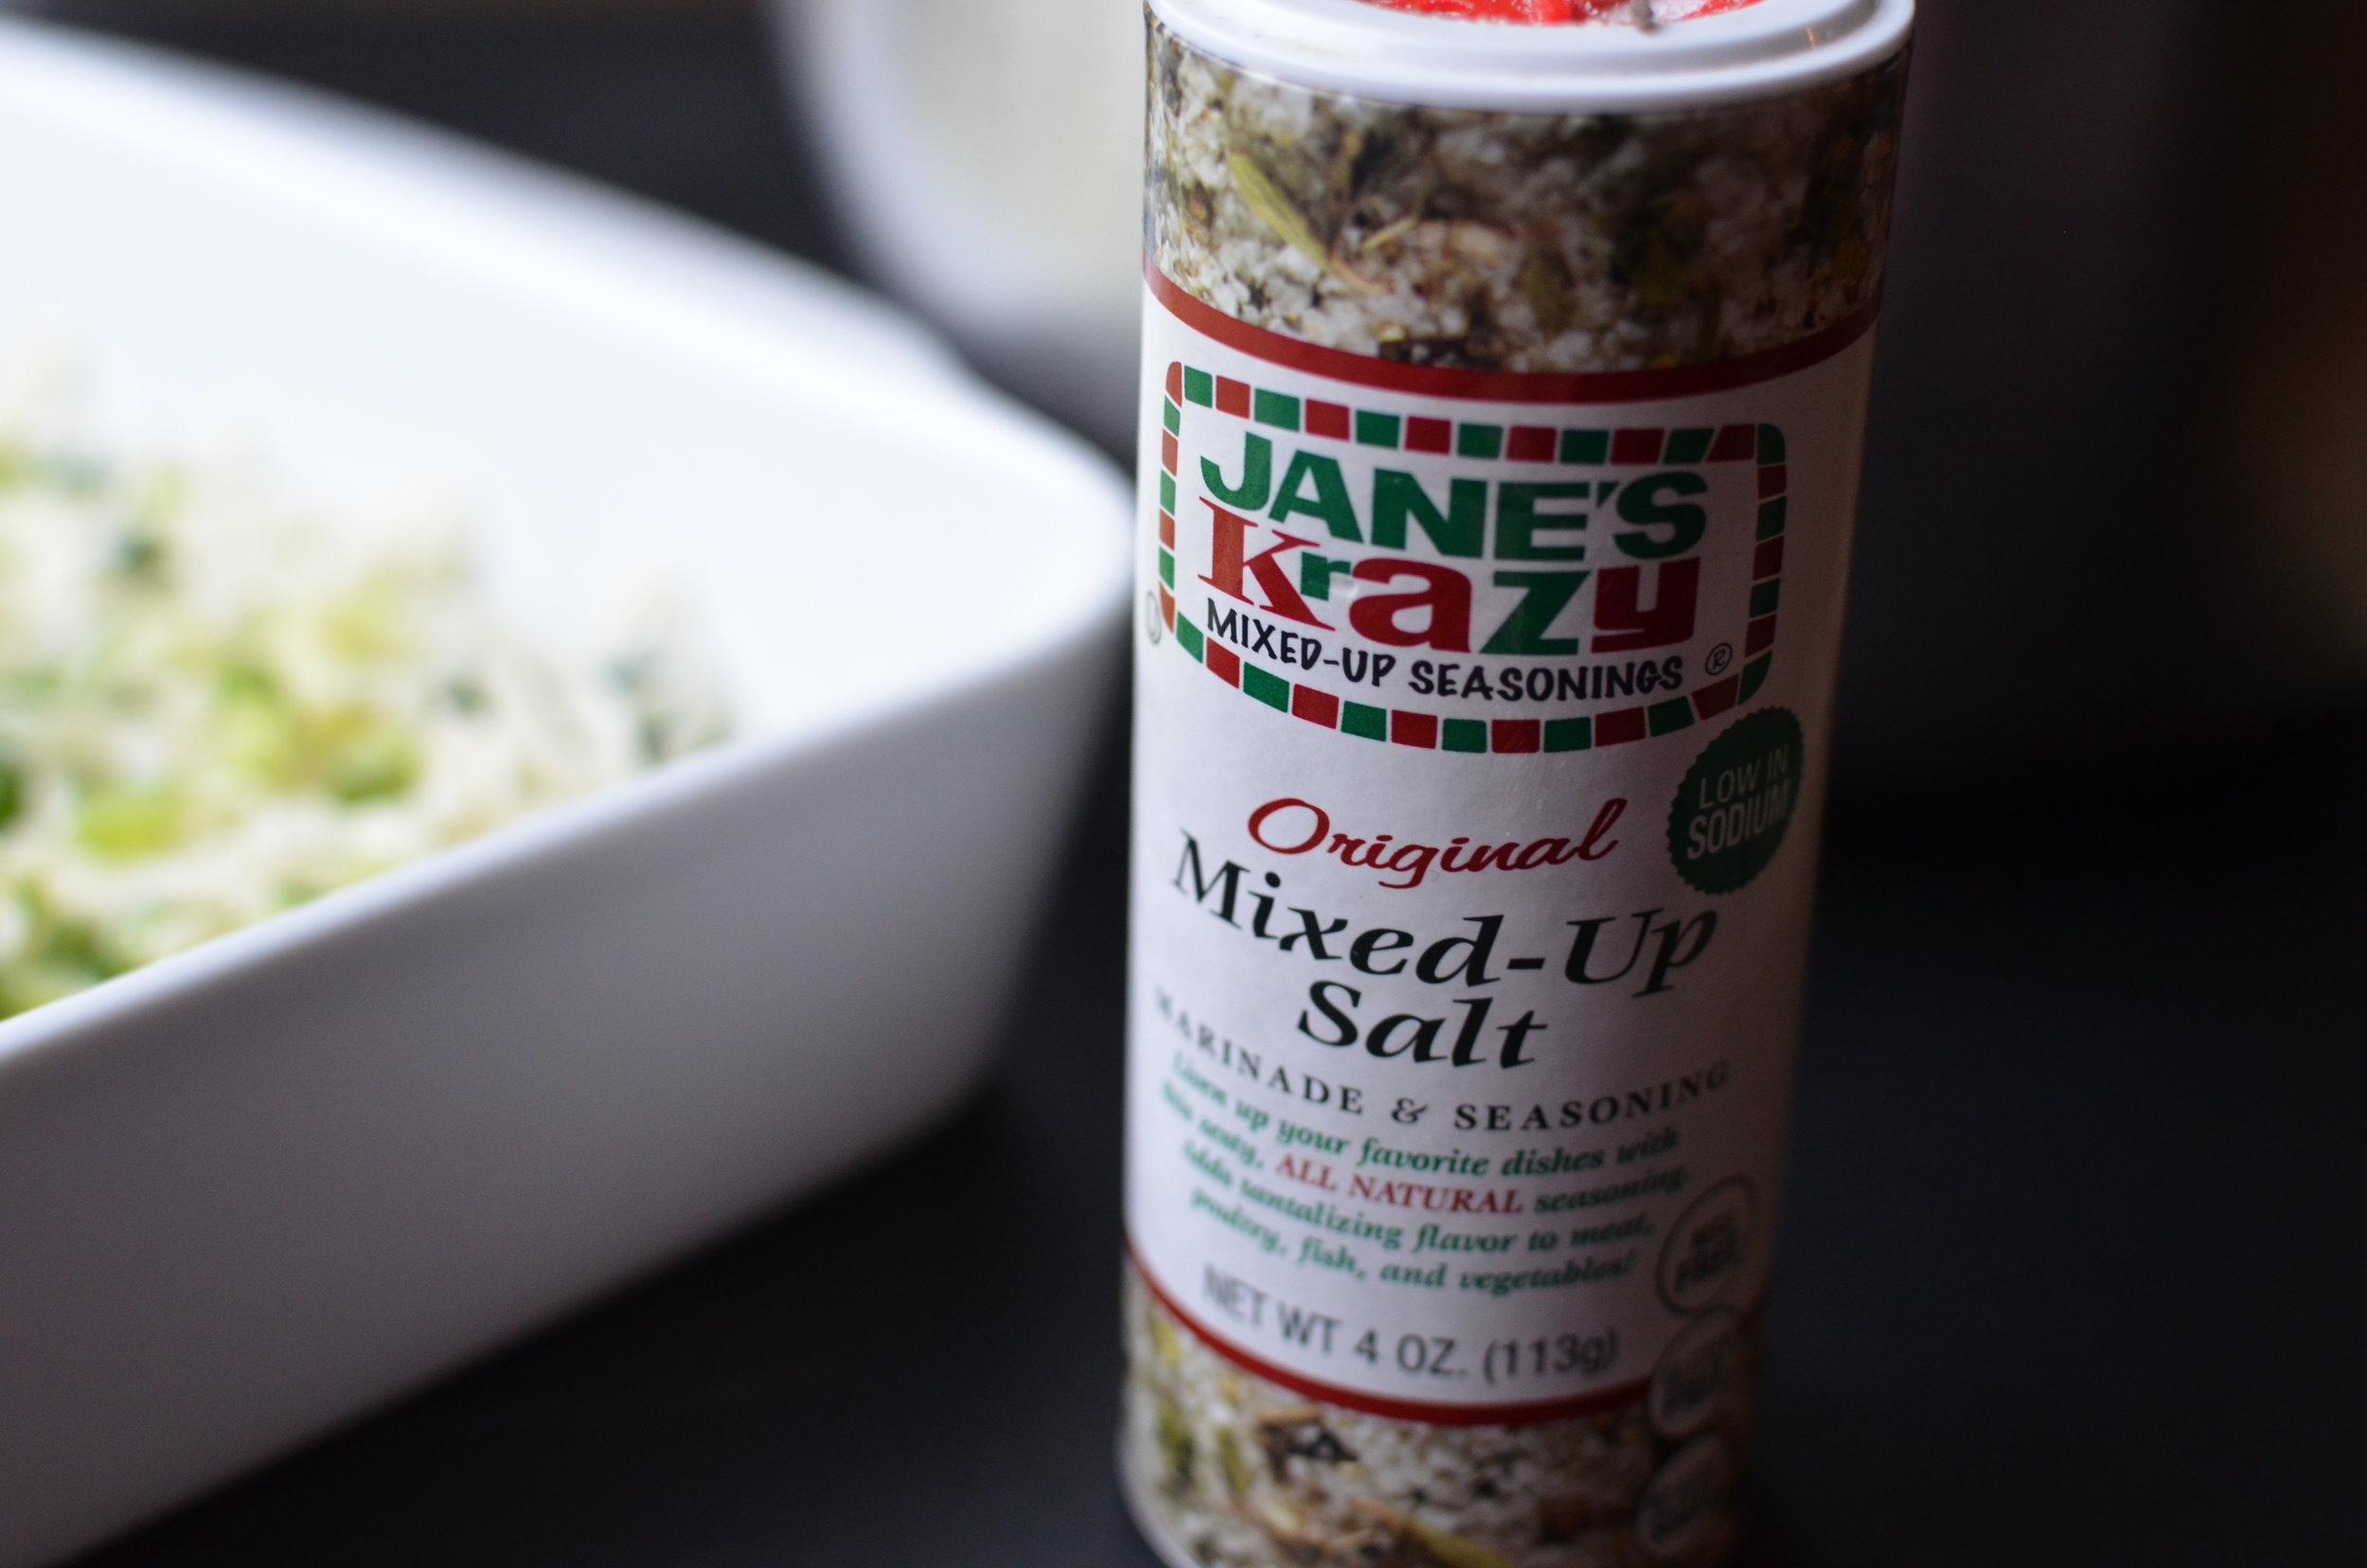 janes-crazy-mixed-up-salt-butteryum